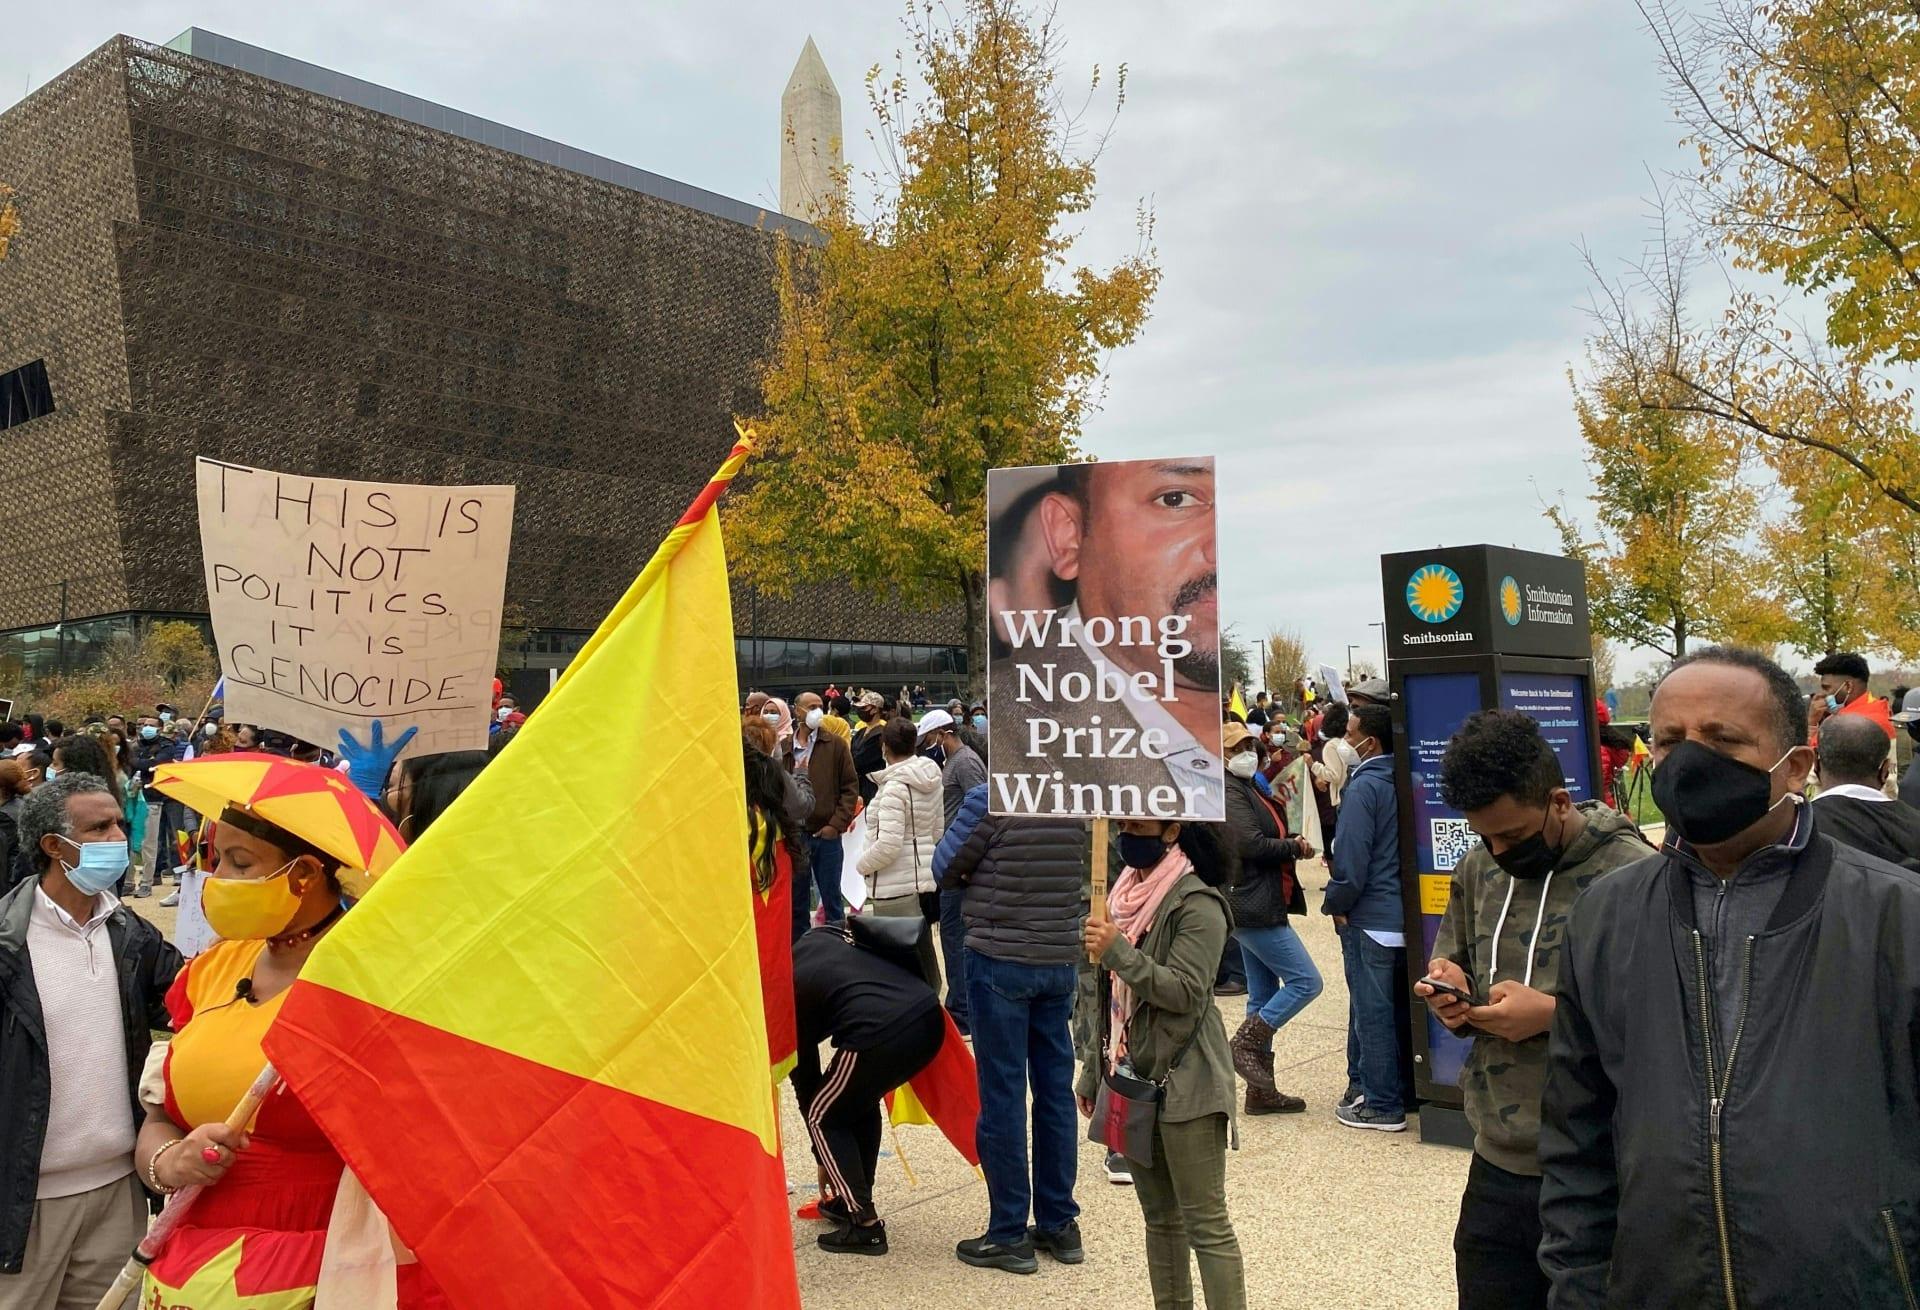 إثيوبيون من تيغراي يتظاهرون ضد الحرب وأبي أحمد في واشنطن